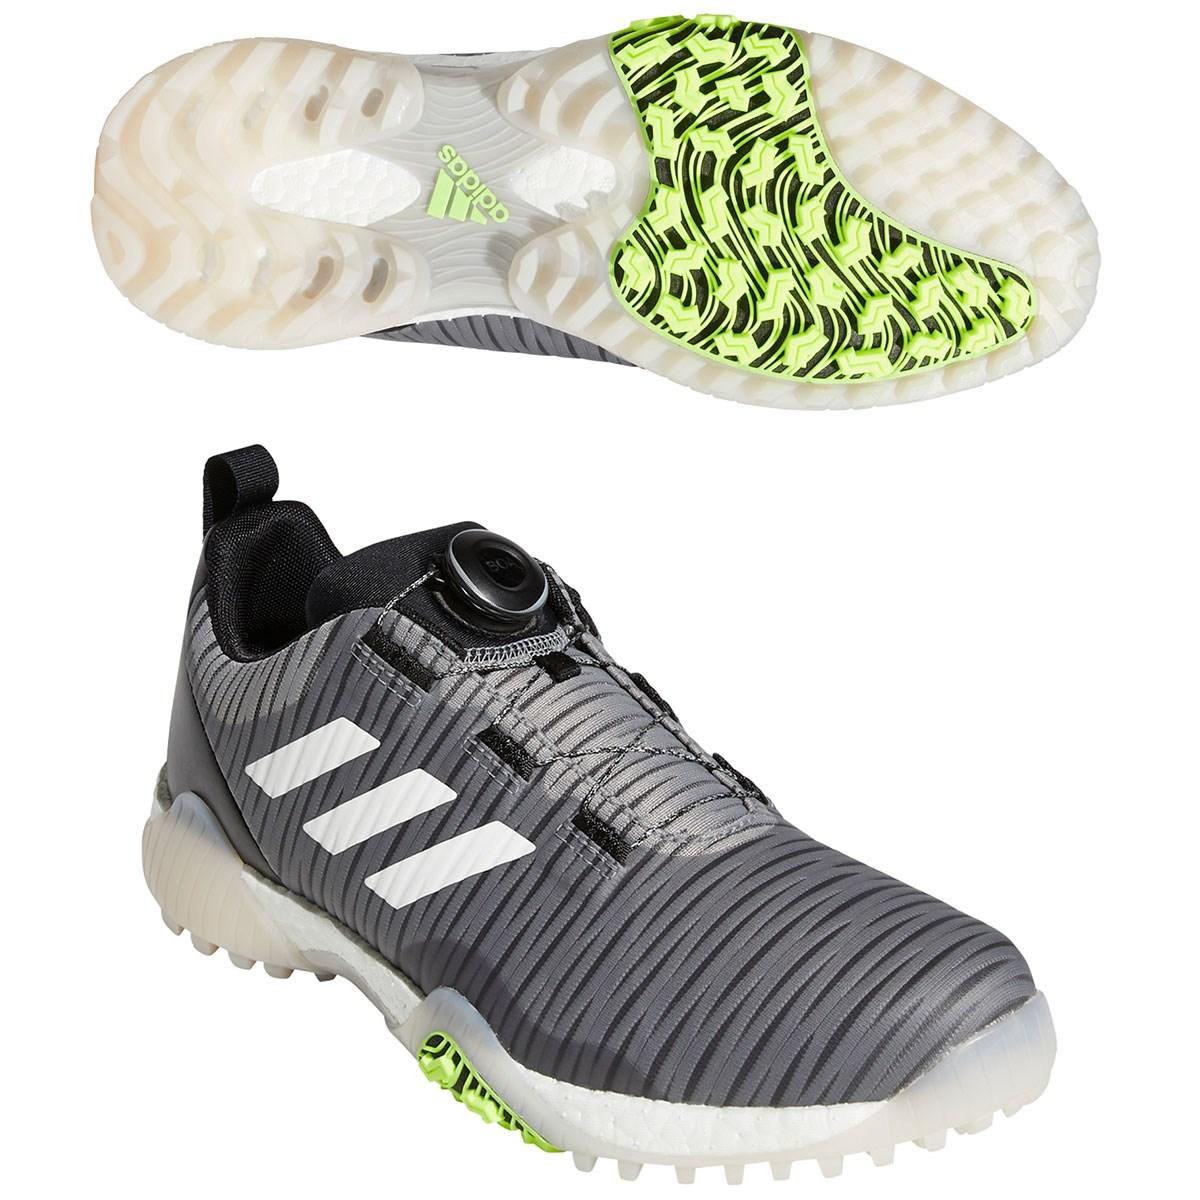 アディダス Adidas コードカオス ボア ロウ シューズ 26.5cm グレースリー/ホワイト/コアブラック